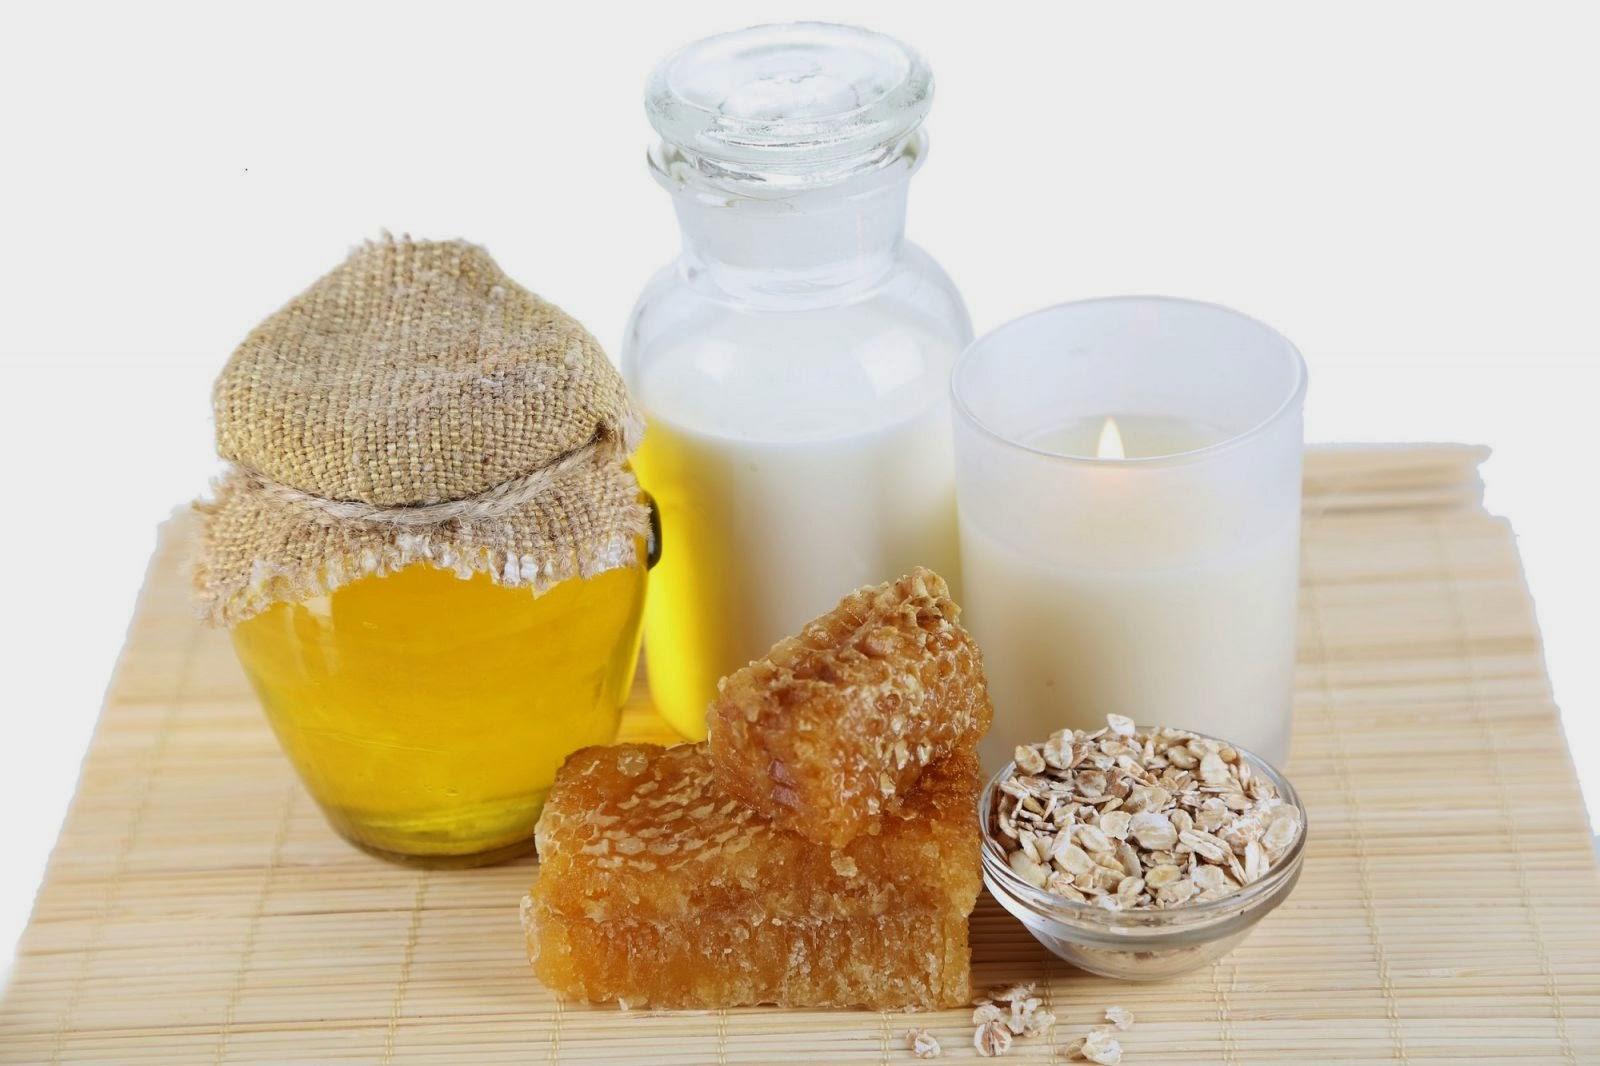 Kết hợp của mật ong và lúa mạch